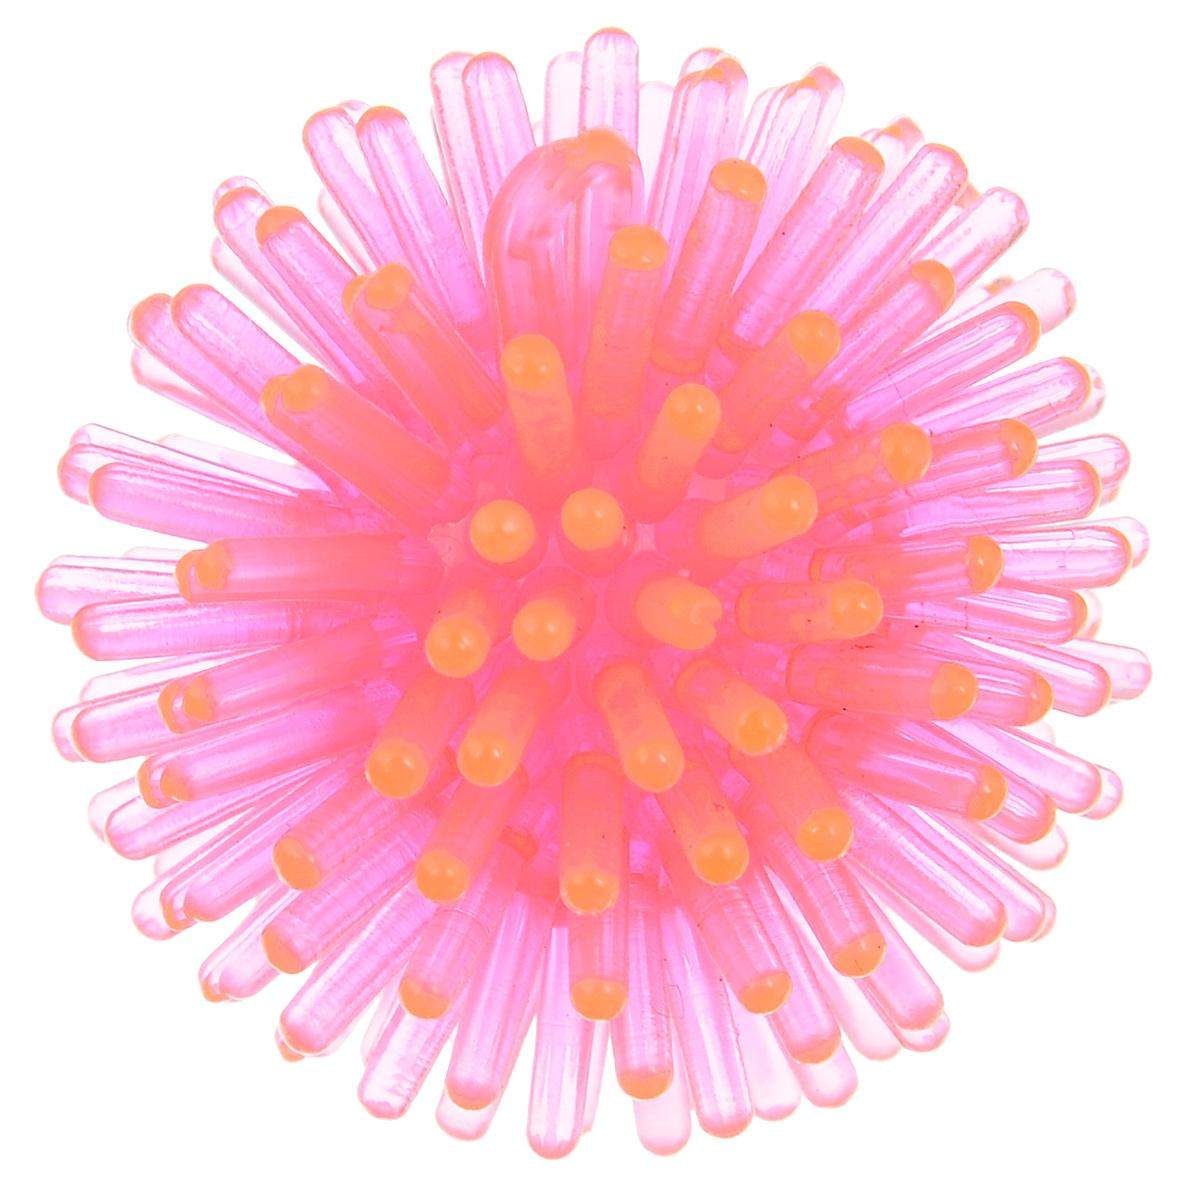 Игрушка для животных Каскад Мячик-шуршик, цвет: розовый, диаметр 3,6 см27799320_розовыйИгрушка для животных Каскад Мячик-шуршик изготовлена из высококачественного латекса. Такая игрушка привлечет внимание вашего питомца и порадует, а вам доставит массу приятных эмоций, ведь наблюдать за игрой всегда интересно и приятно. Диаметр игрушки: 3,6 см.